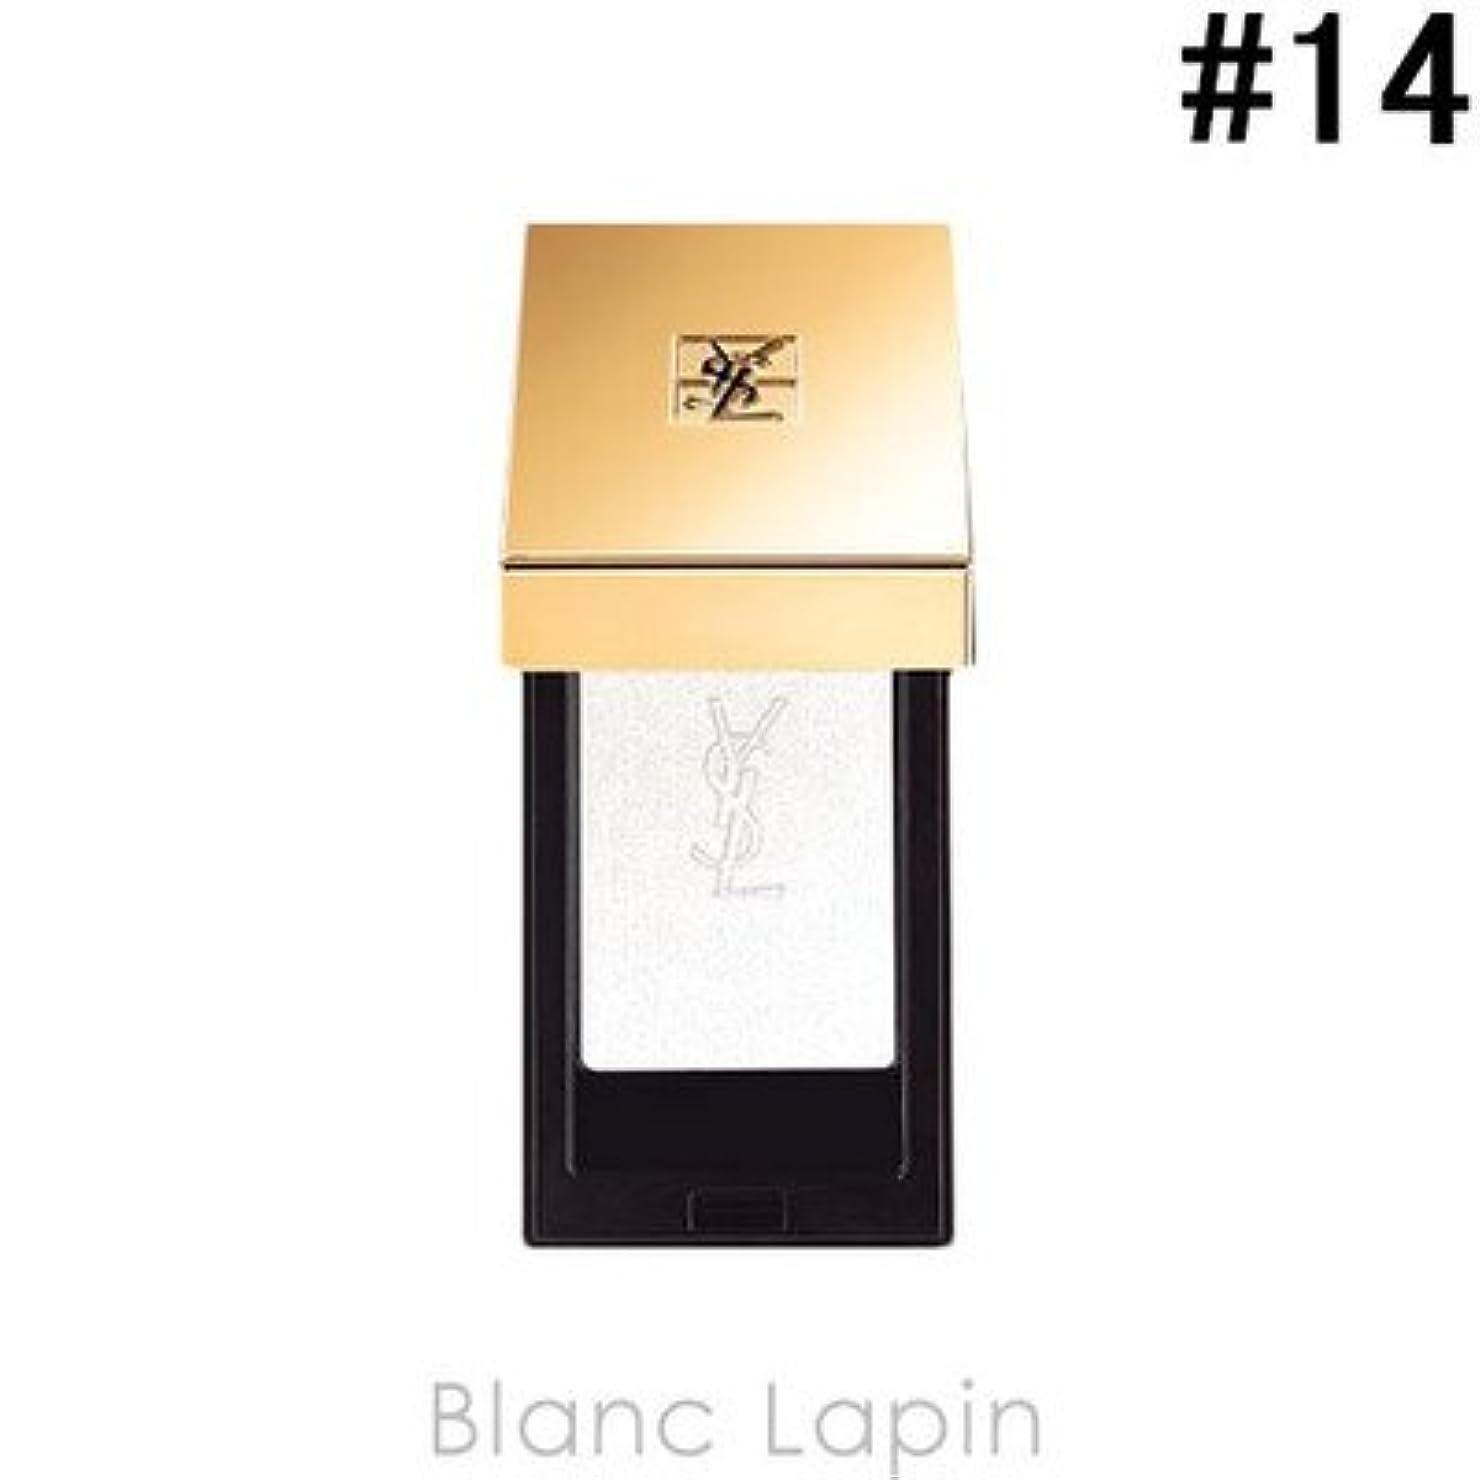 Yves Saint Lauren クチュールモノ #14 ガラ 2.8g [383944] [並行輸入品]